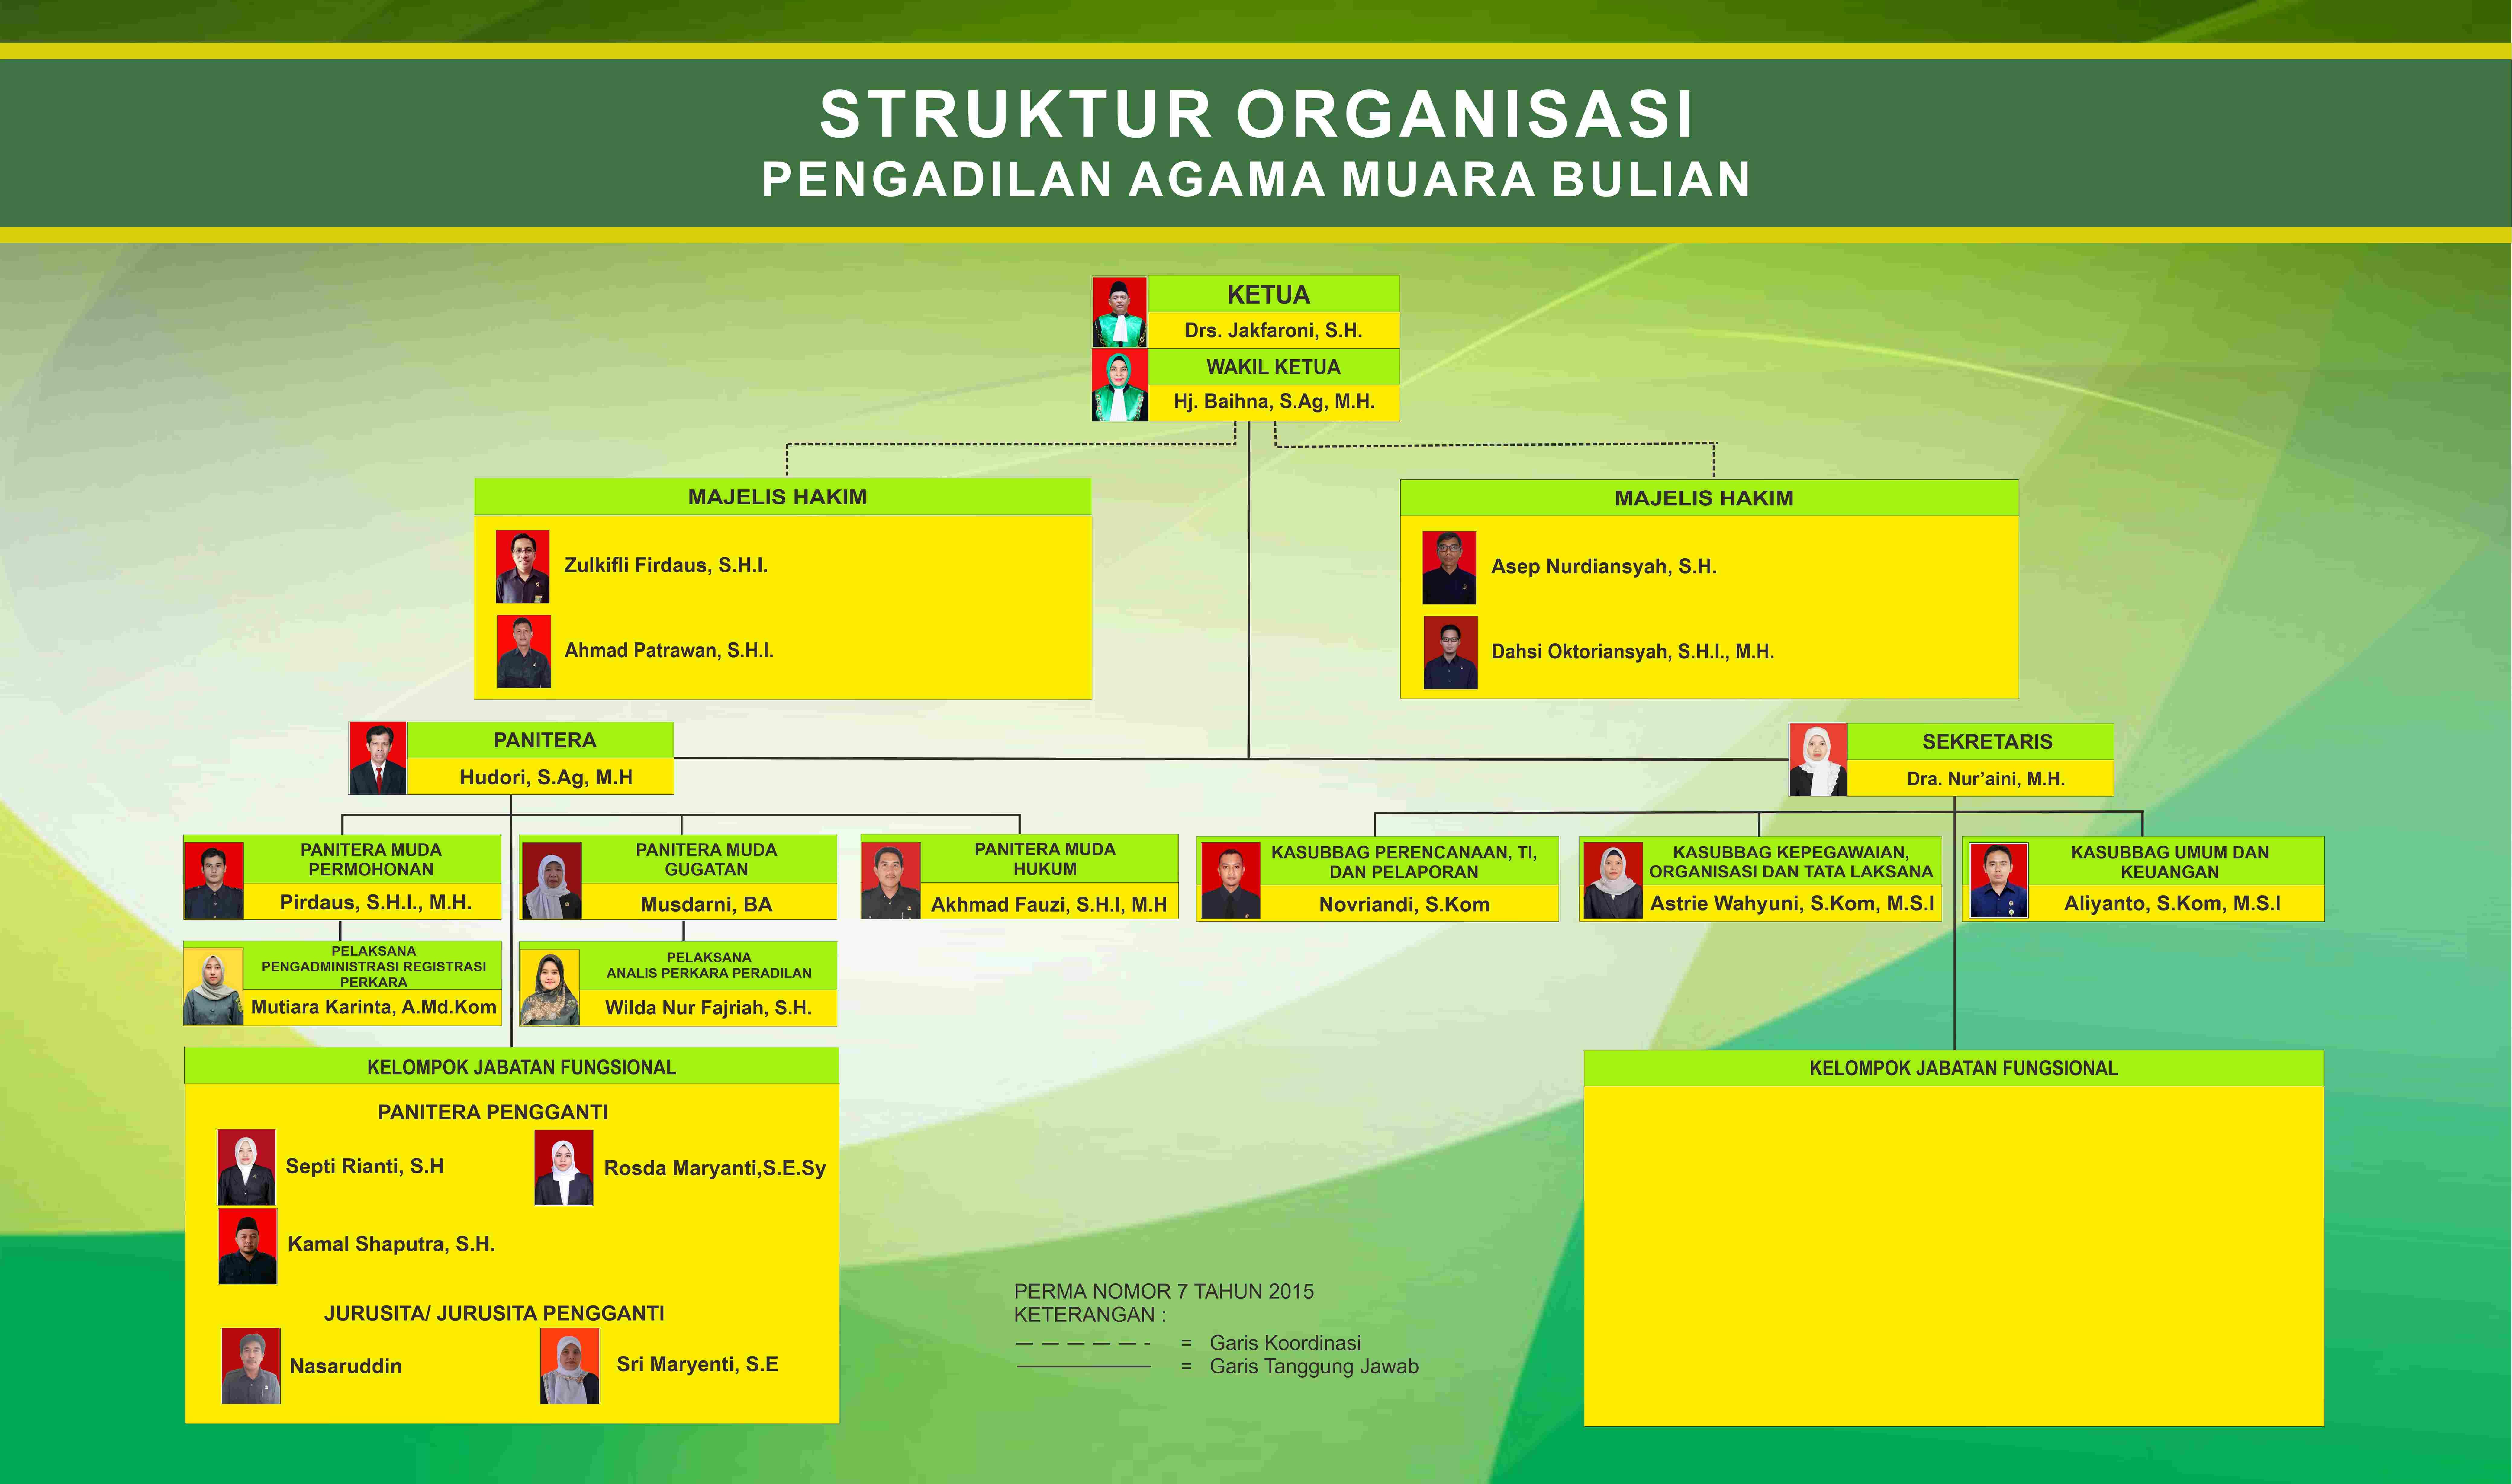 struktur organisasi 2021 03web